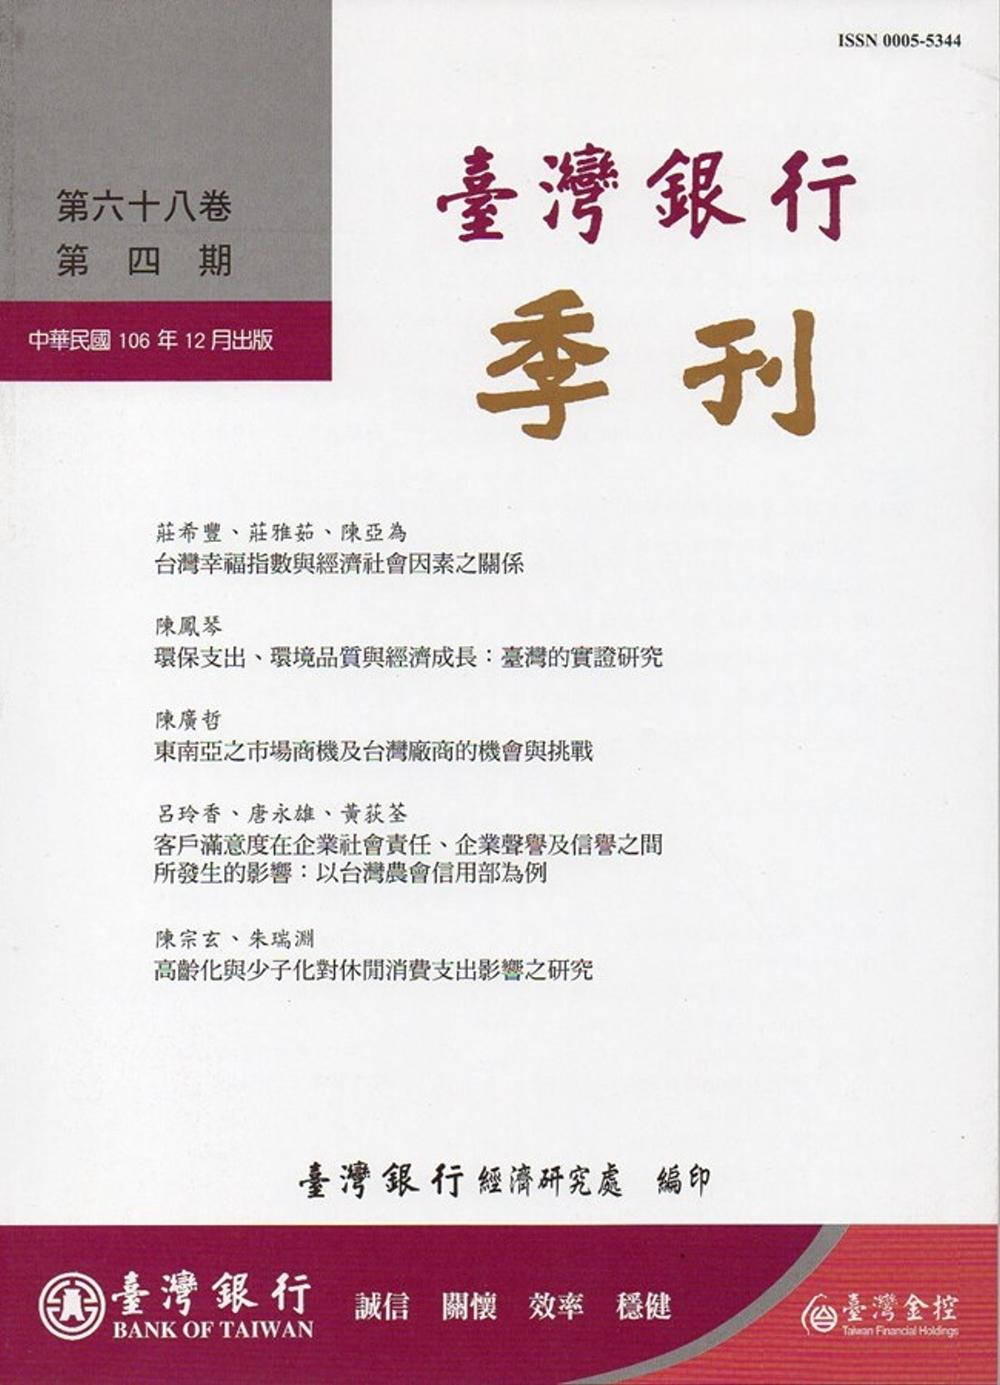 台灣銀行季刊第68卷第4期106/12